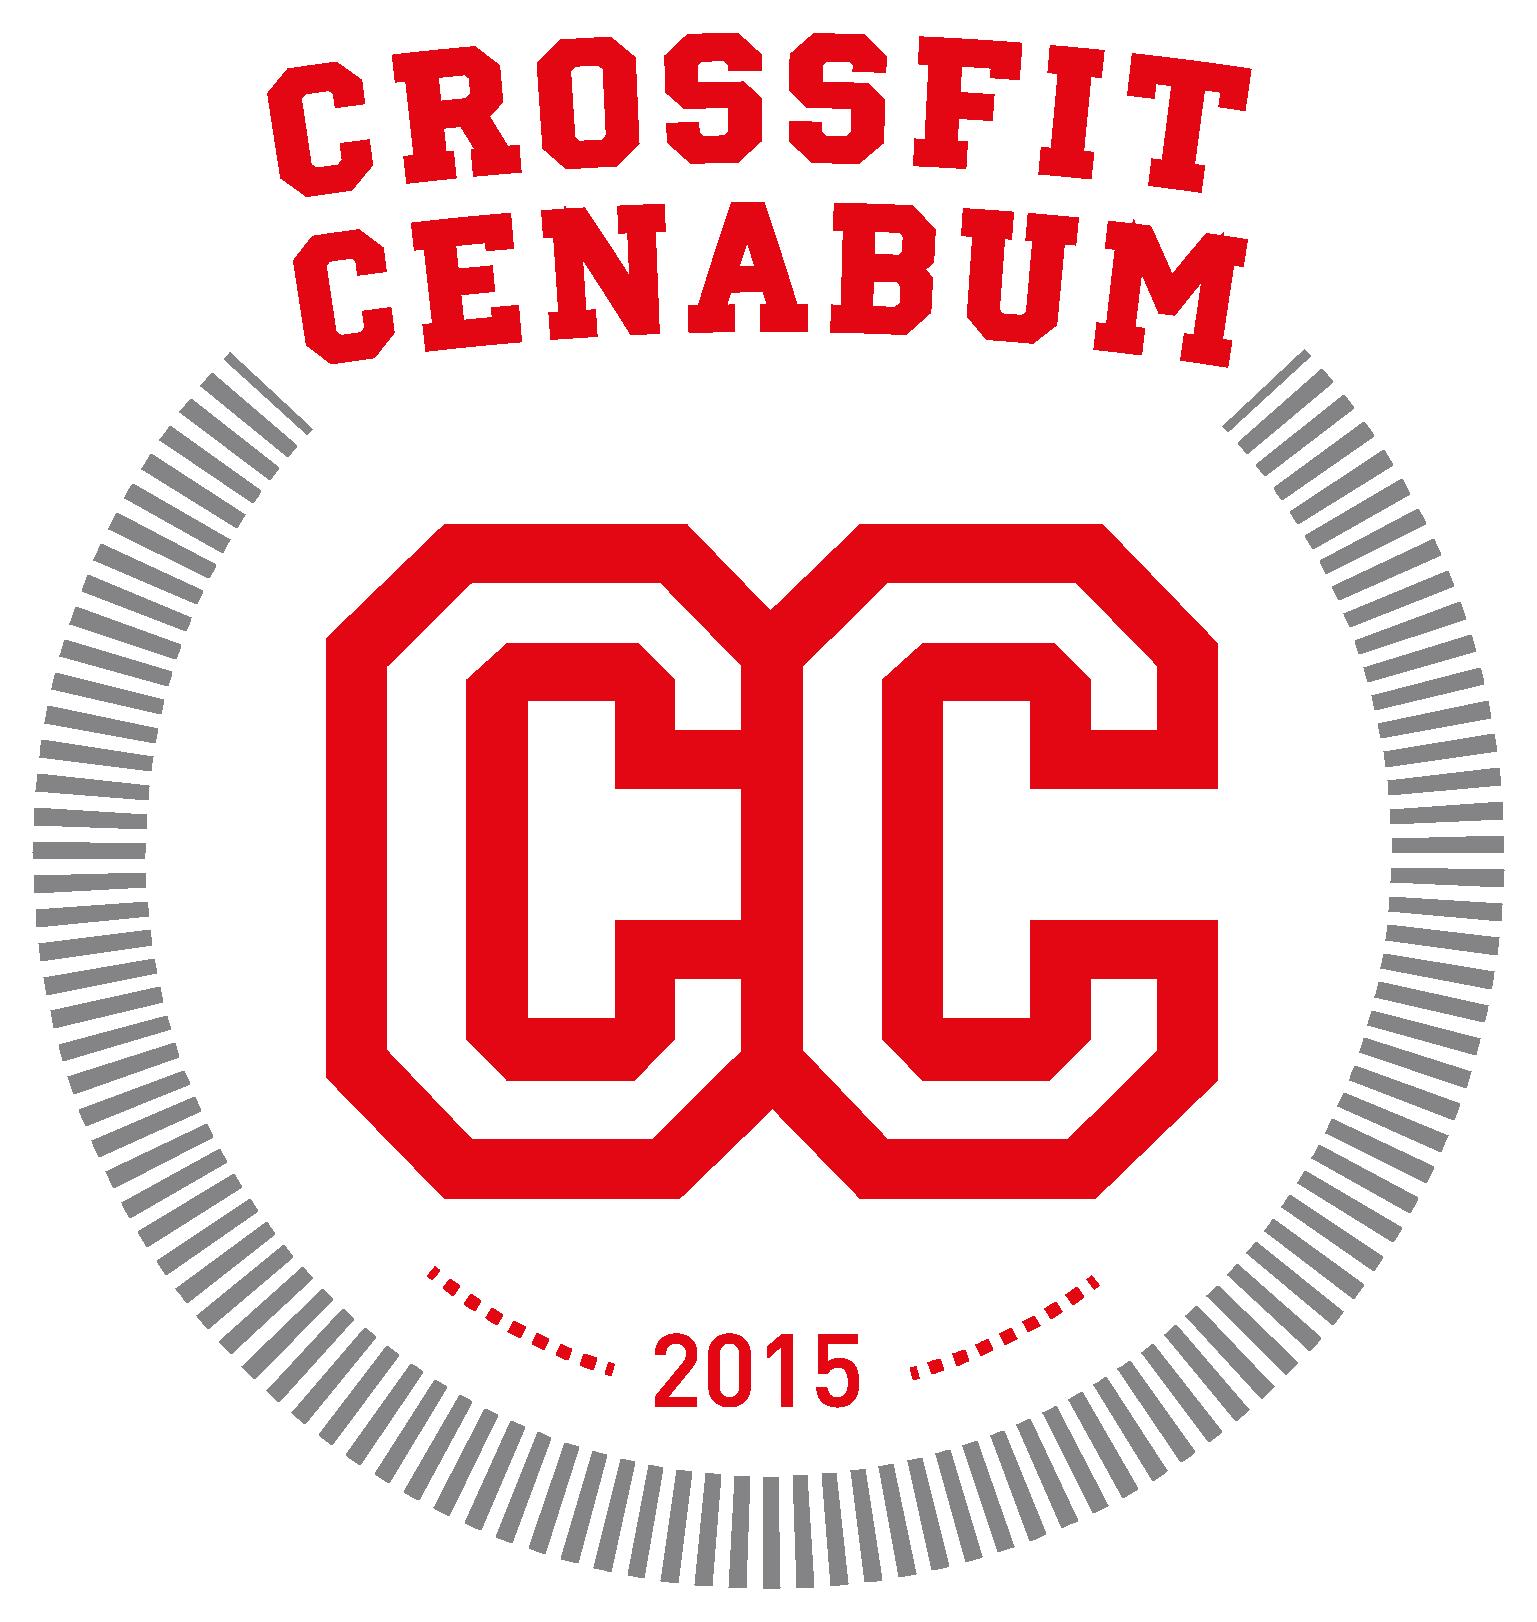 Le Shop CrossFit Cenabum Logo